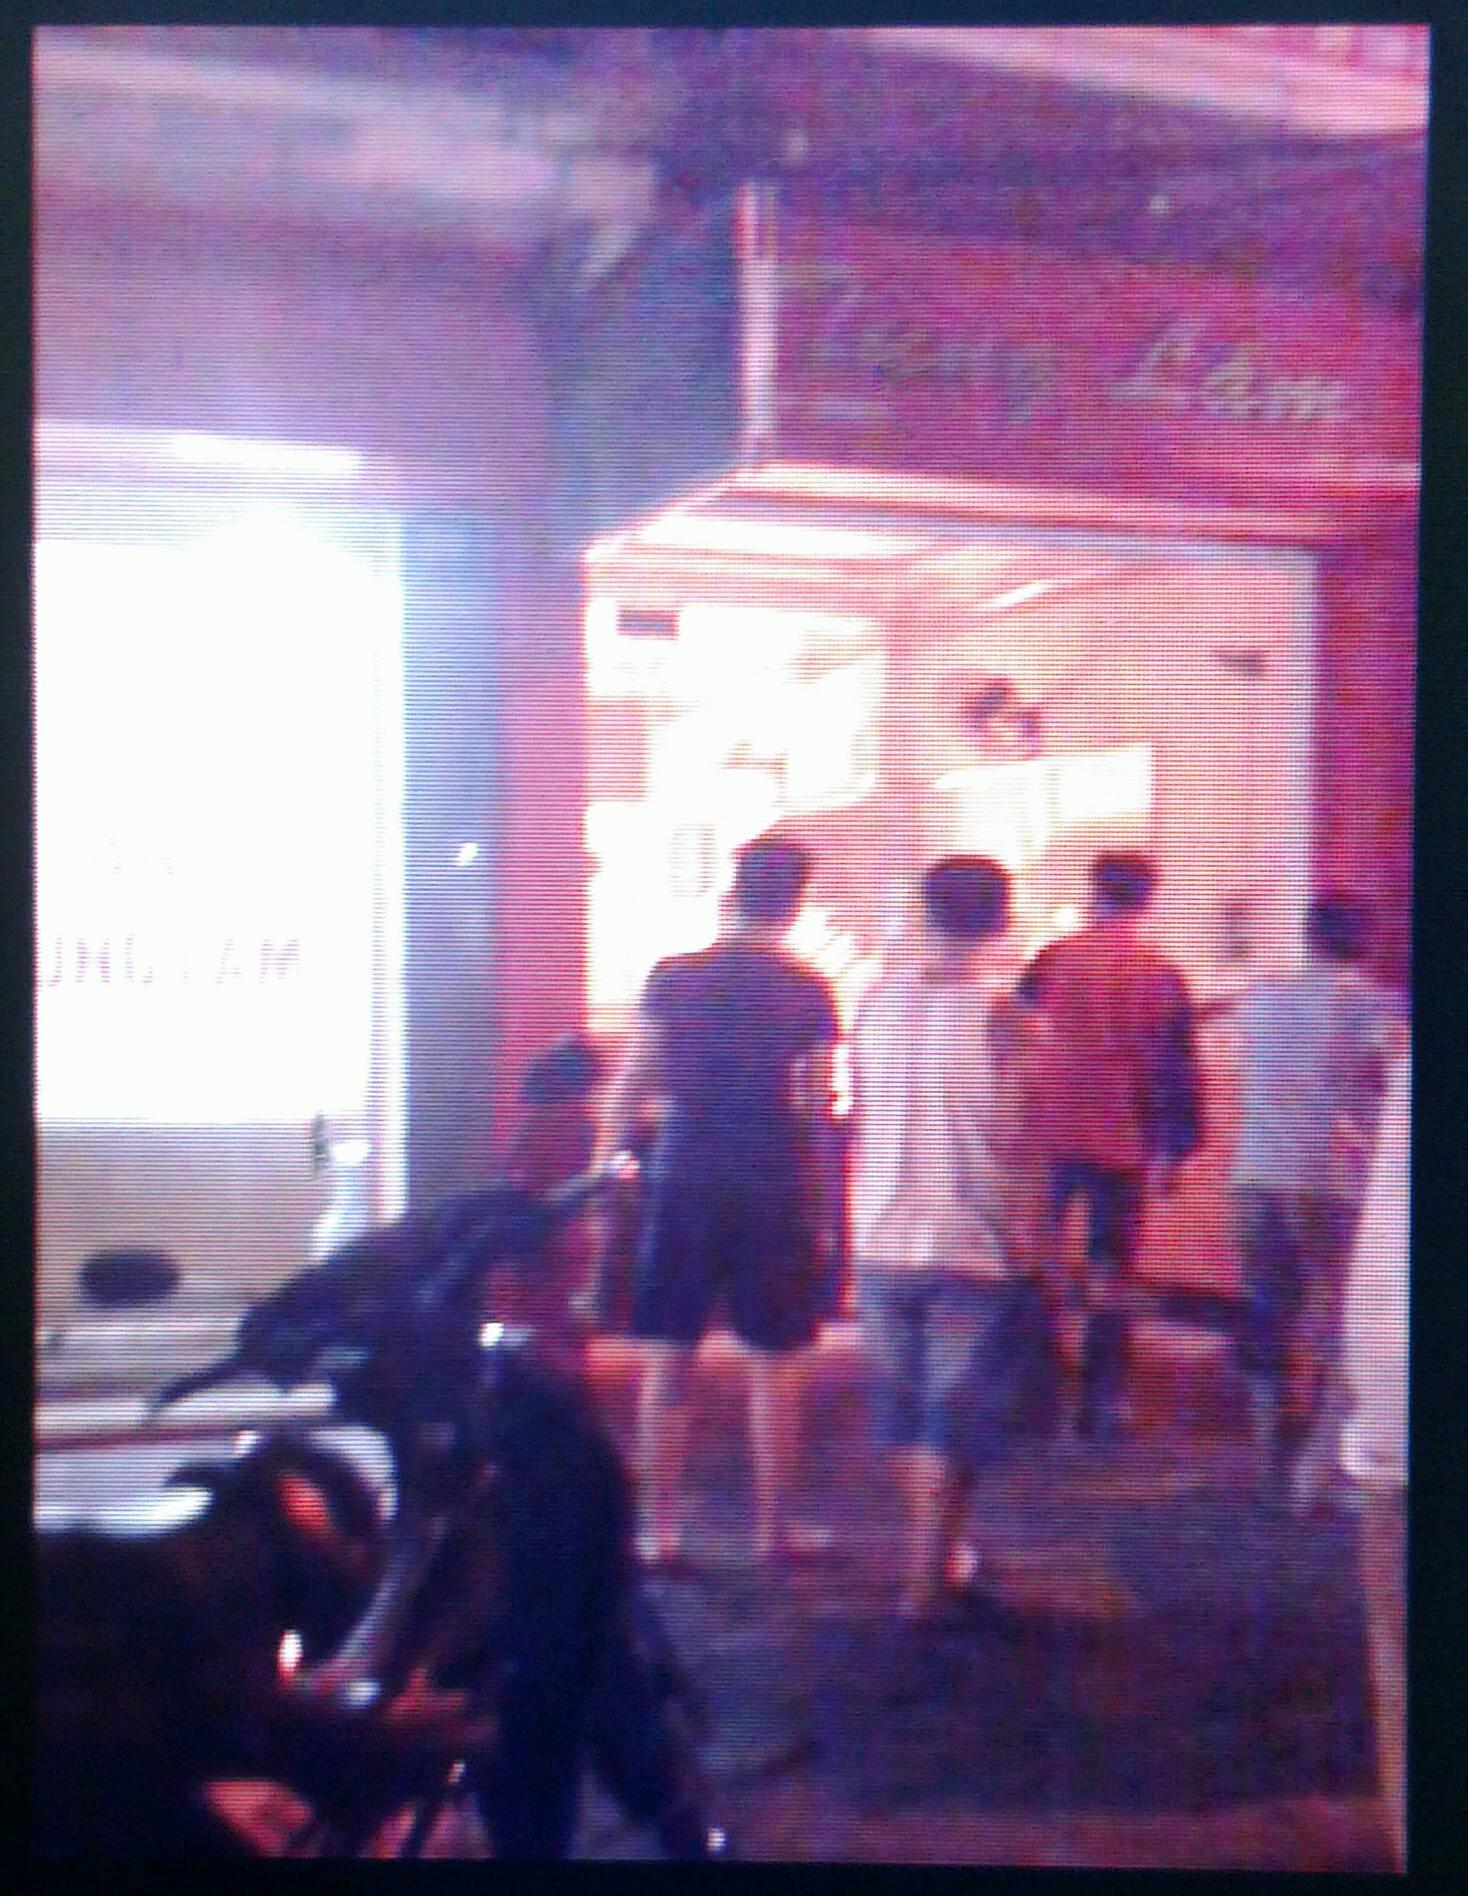 Quảng Ninh: Cận cảnh vụ người đàn ông đổ xăng tự thiêu tại tiệm vàng 2